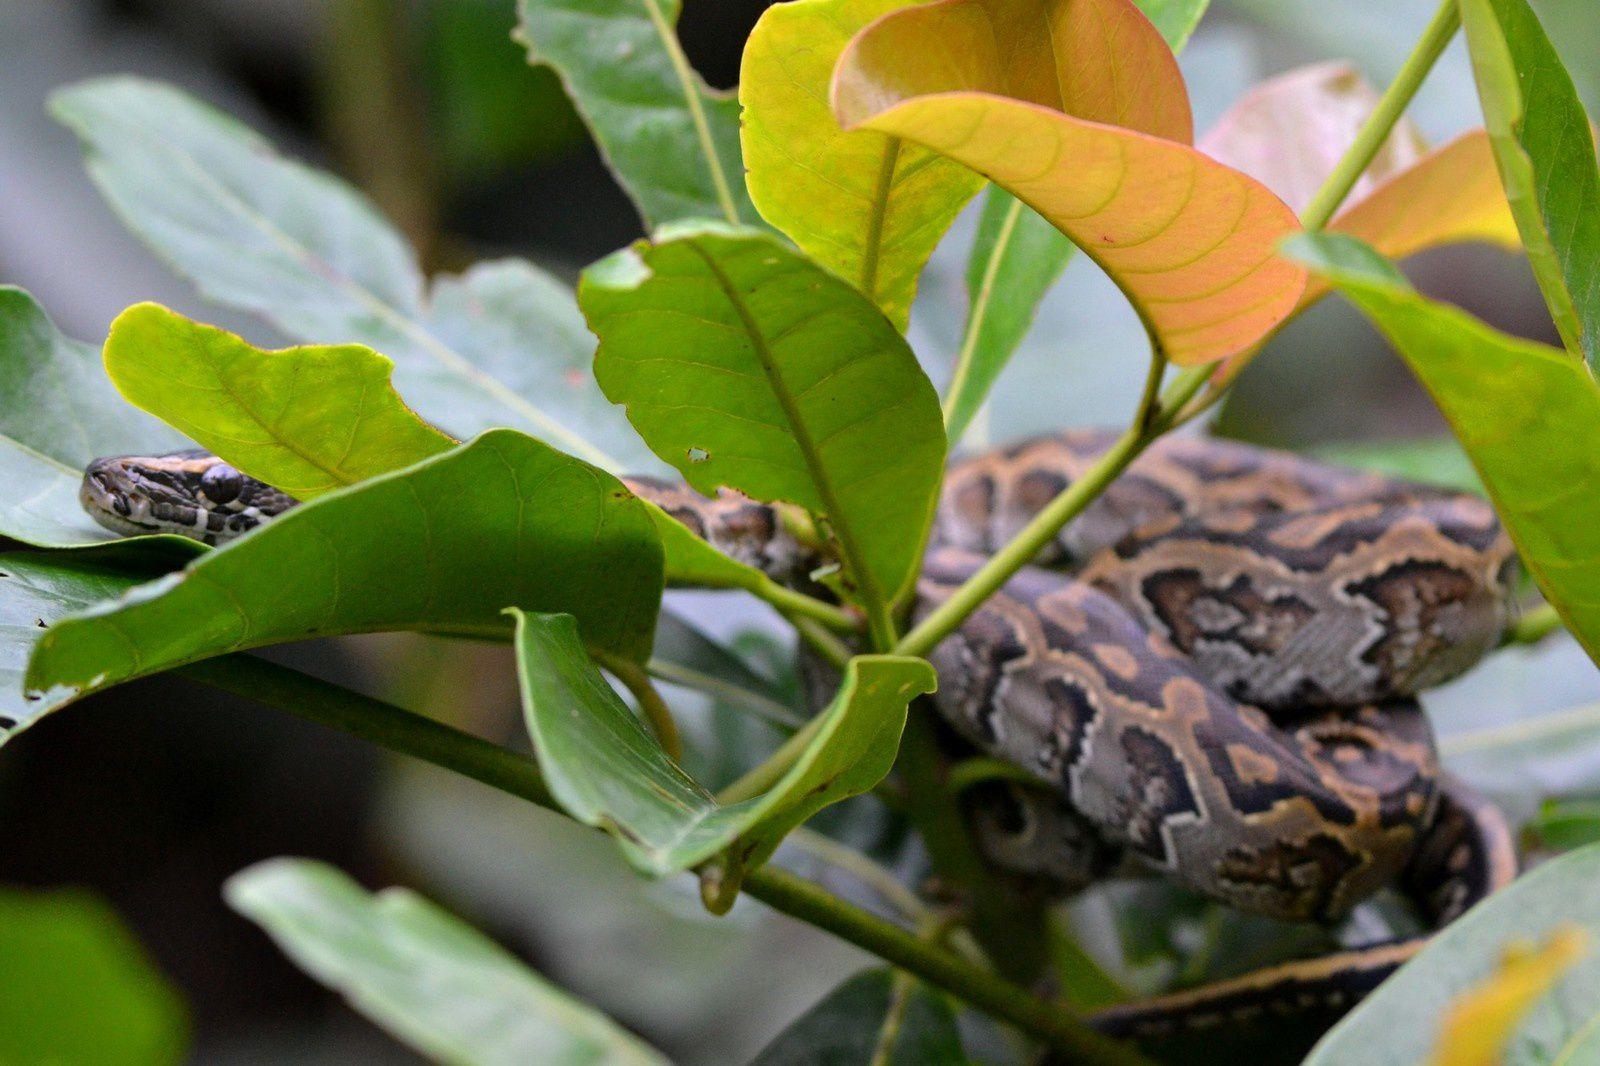 (petit) Python - Rivière Hana, Forêt de Tai, Côte d'Ivoire, 10 juin 2014